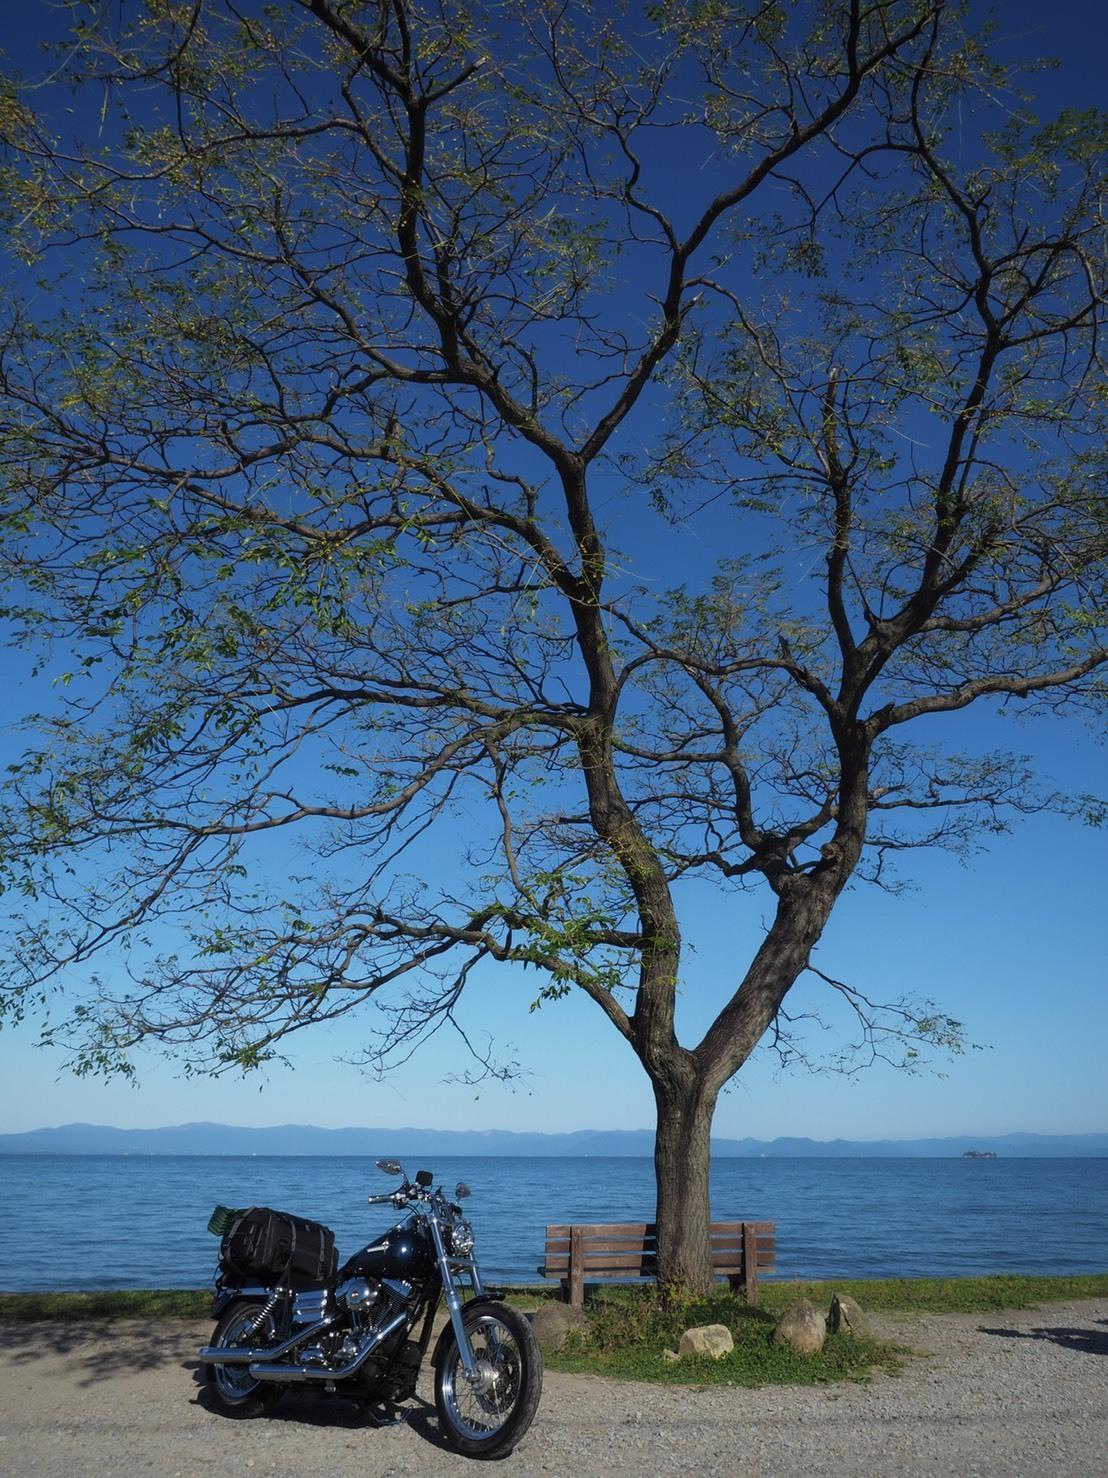 ぴーきちハーレーブログ 奥琵琶湖キャンプツーリング あのベンチ インスタ映え